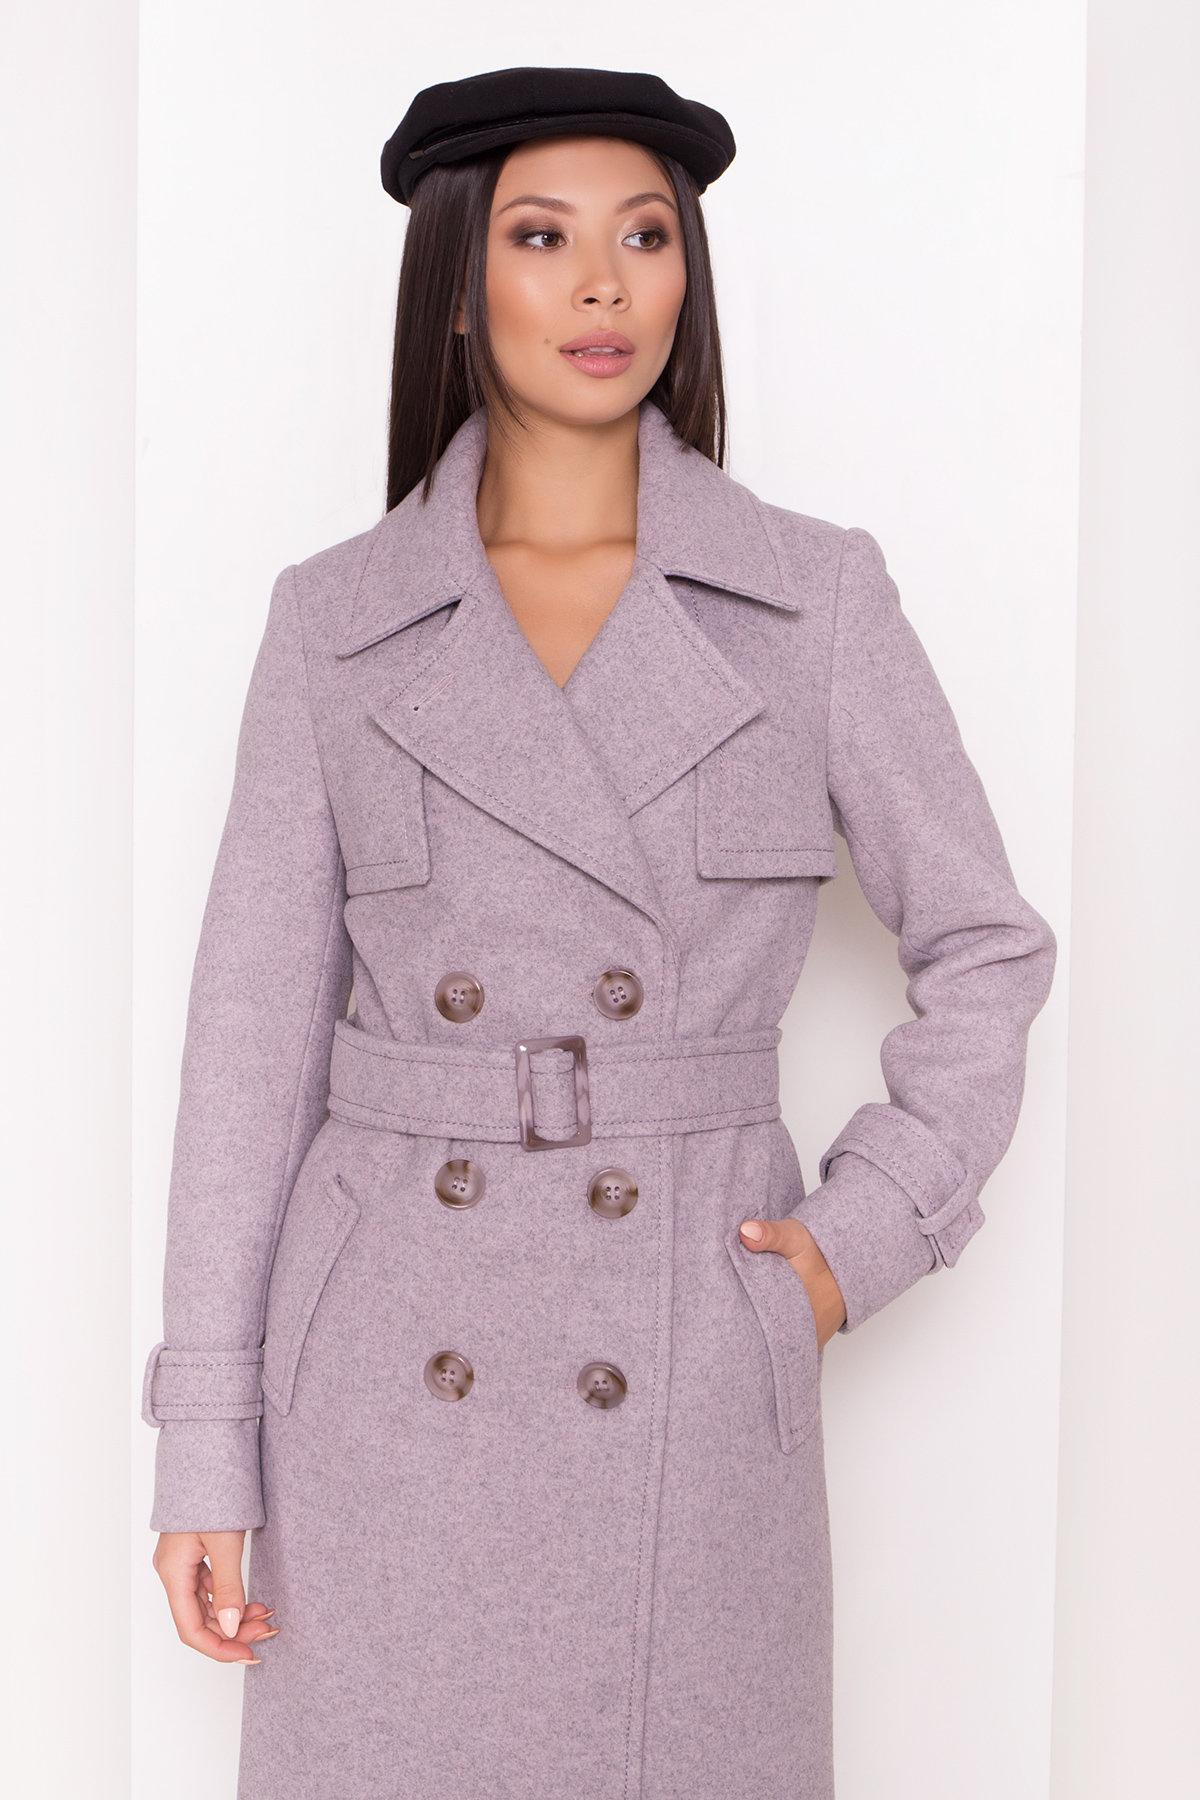 Двубортное пальто демисезон Монте 8089 АРТ. 44031 Цвет: Серый-розовый - фото 10, интернет магазин tm-modus.ru